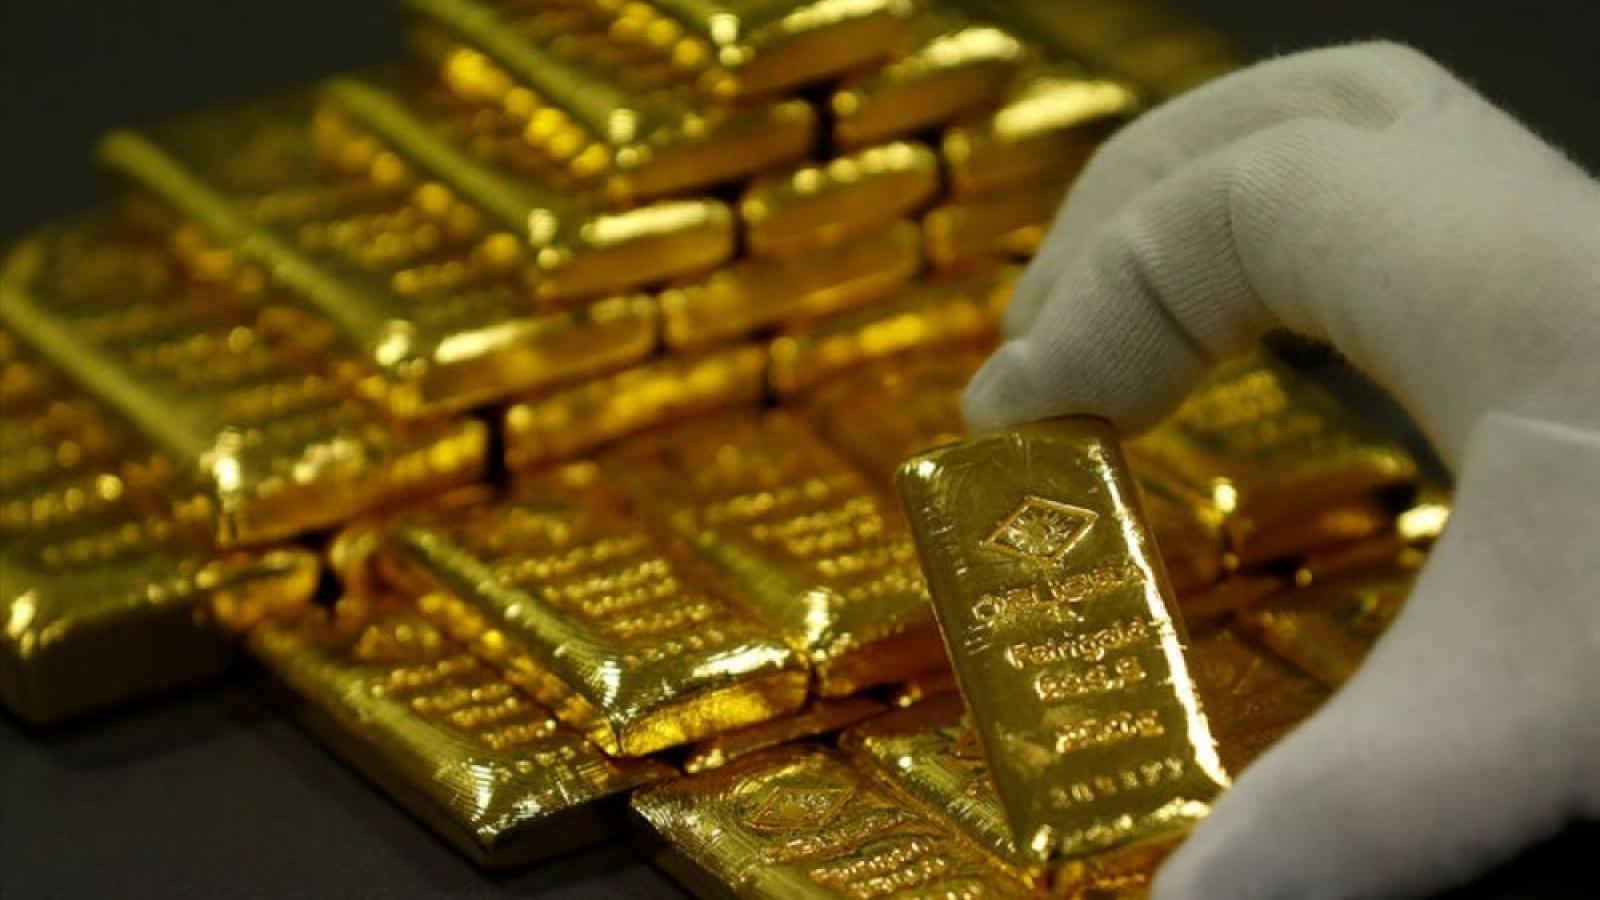 Vàng trong nước vẫn đứng giá, vàng thế giới giảm nhẹ